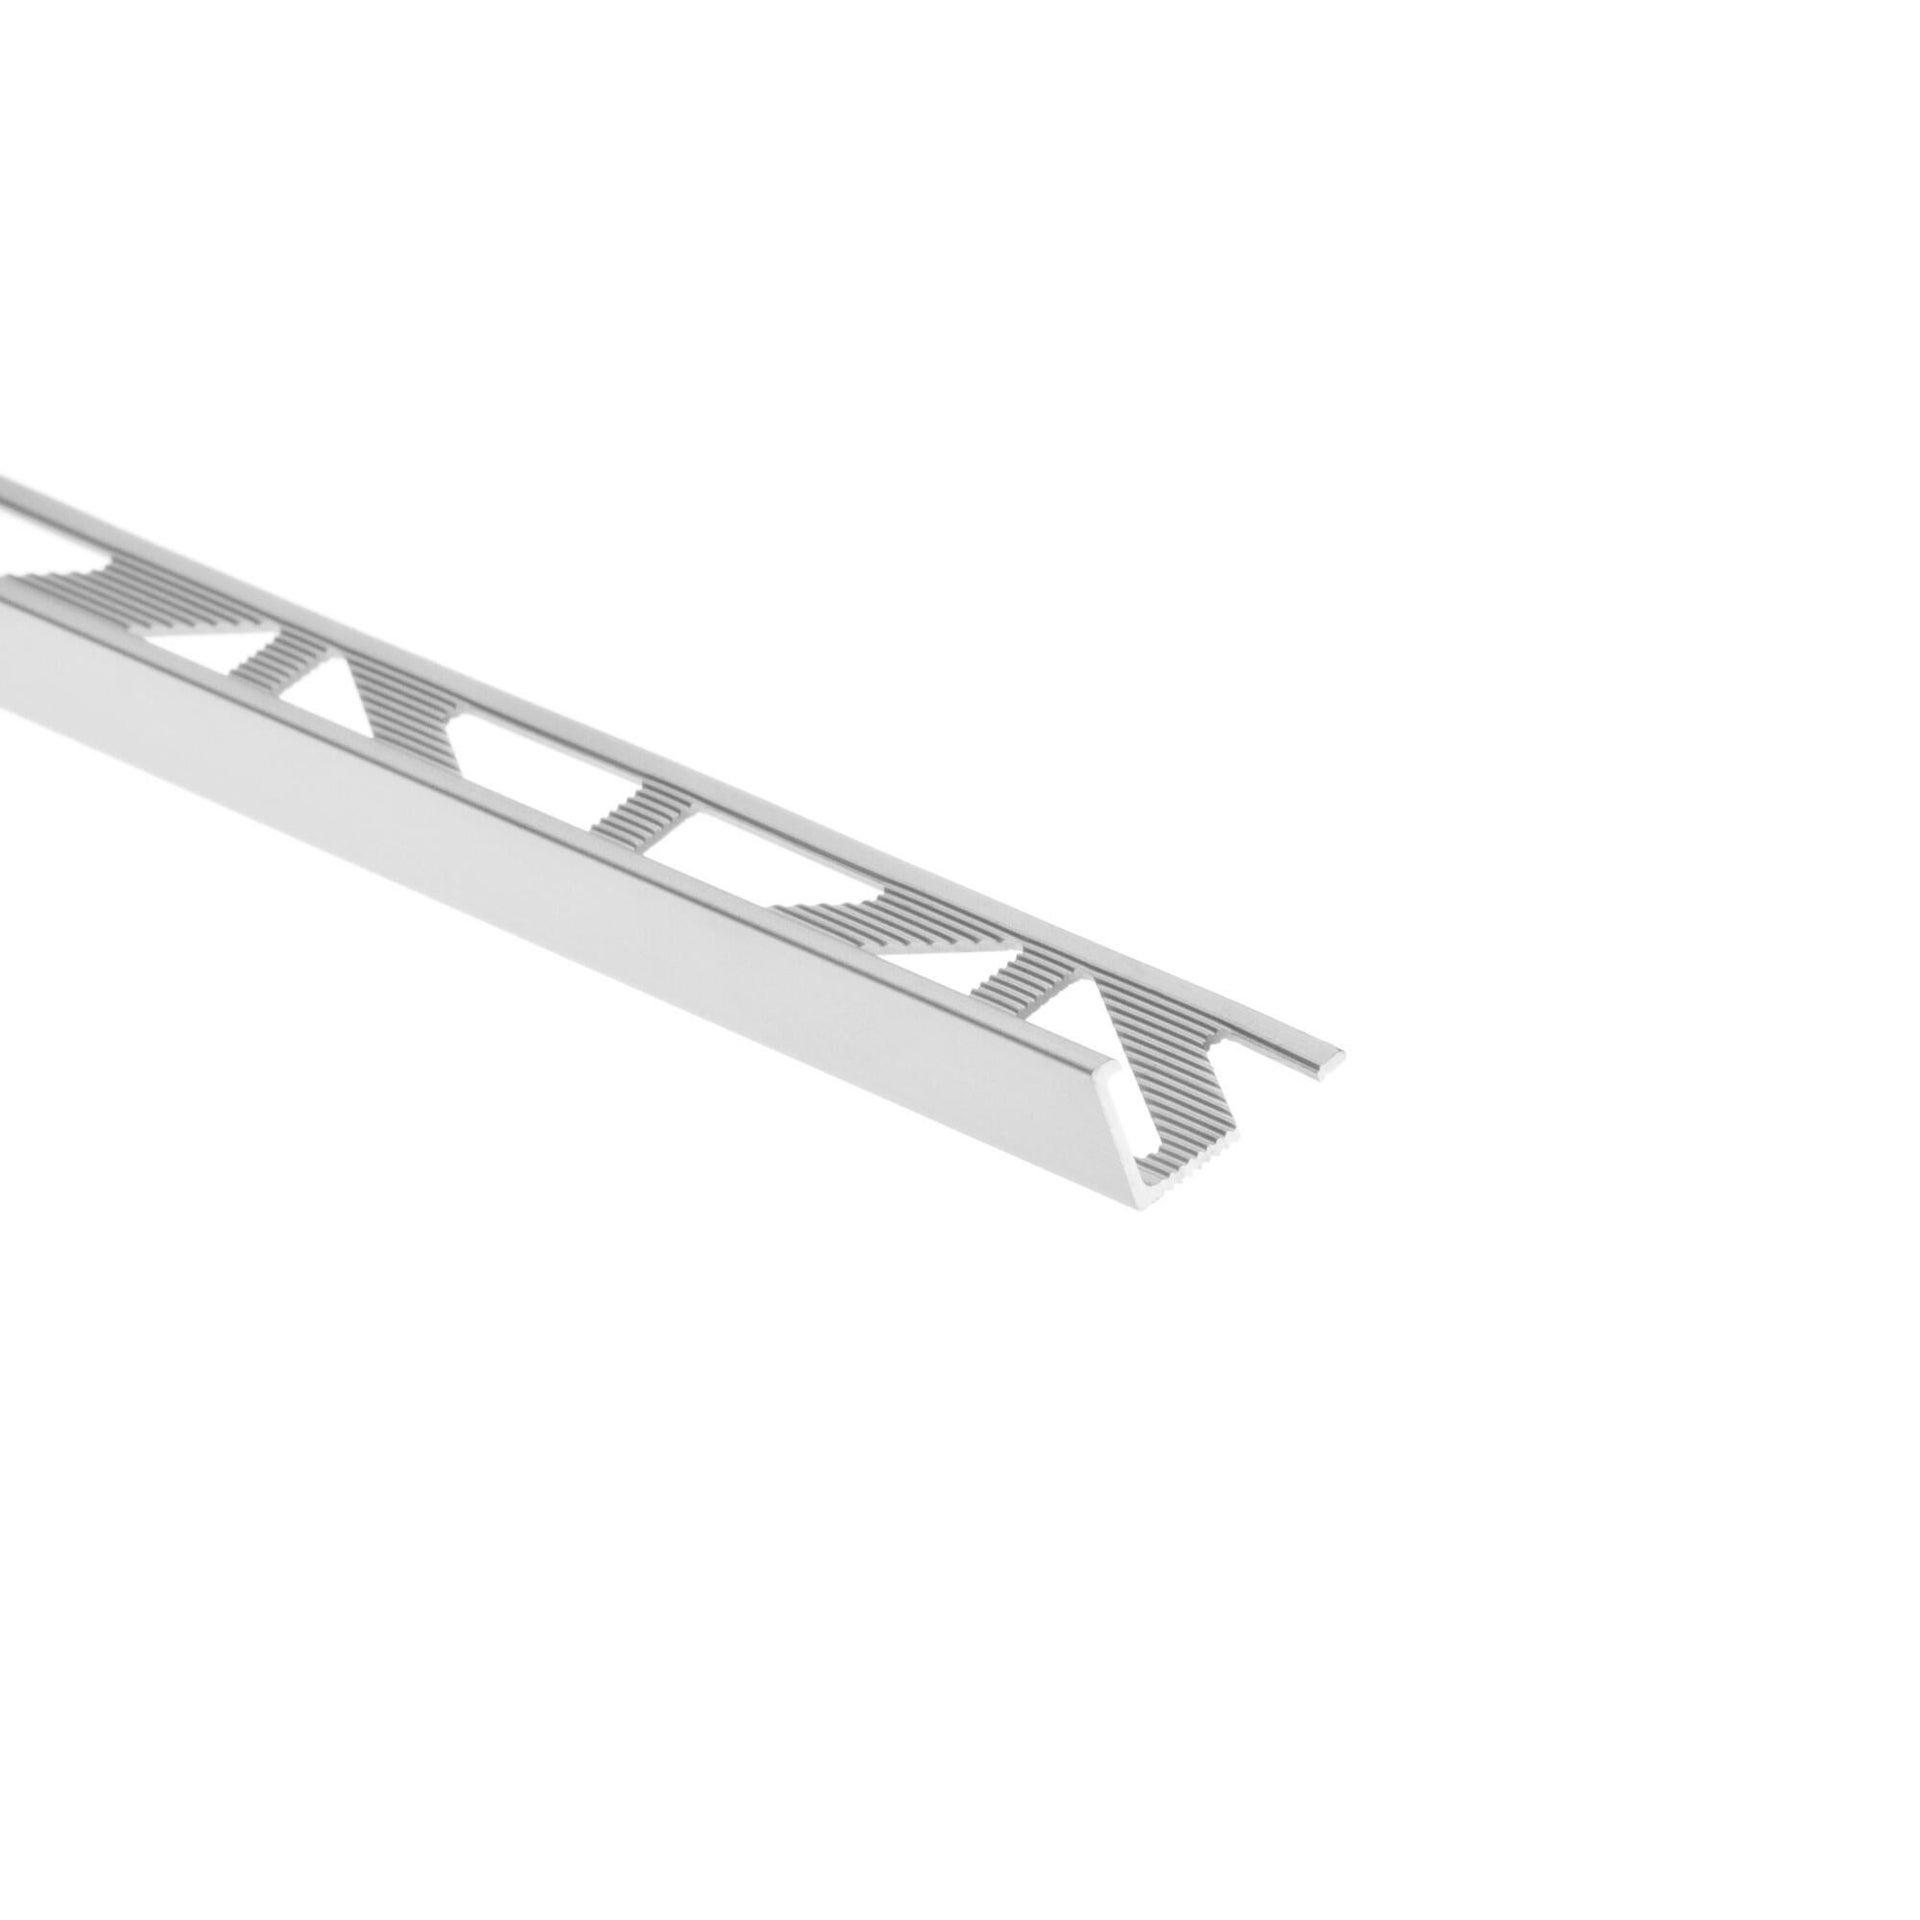 Profilo angolare interno in alluminio anodizzato Sp 17.4 mm L 250 cm grigio - 2